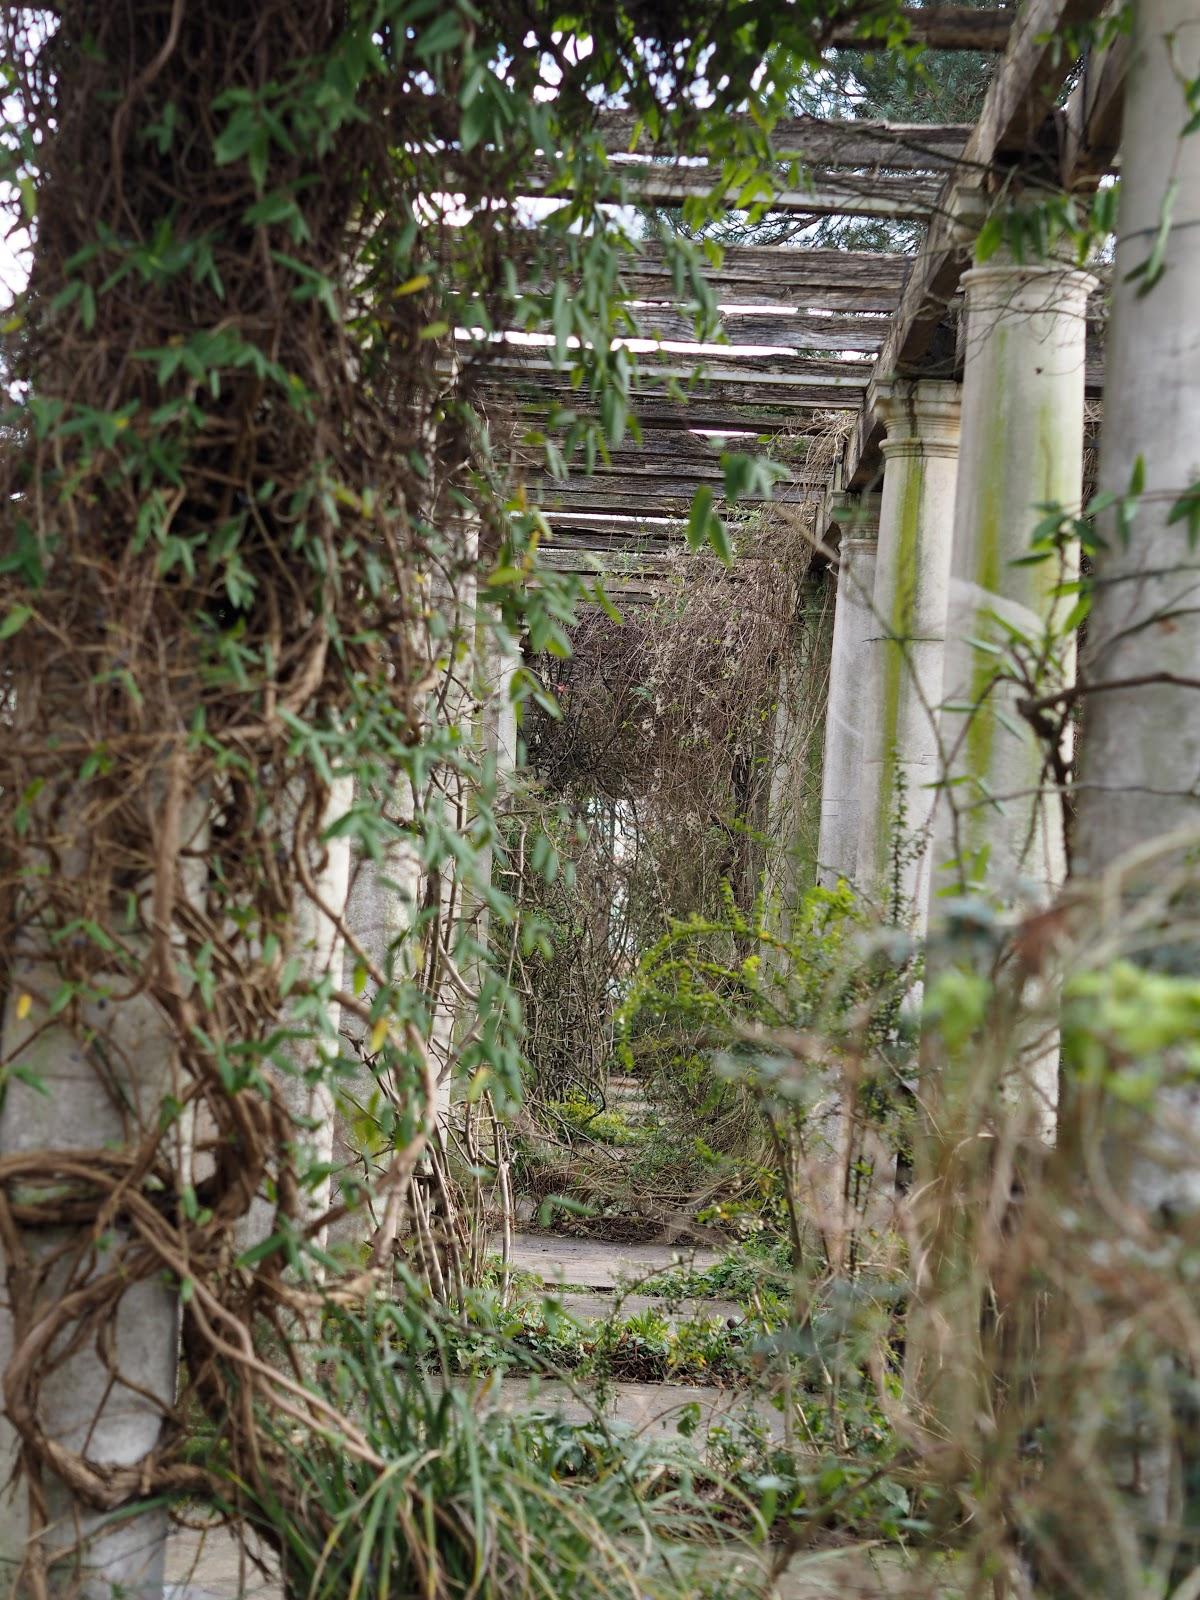 Vines wrapped around pillars on Hampstead Heath.